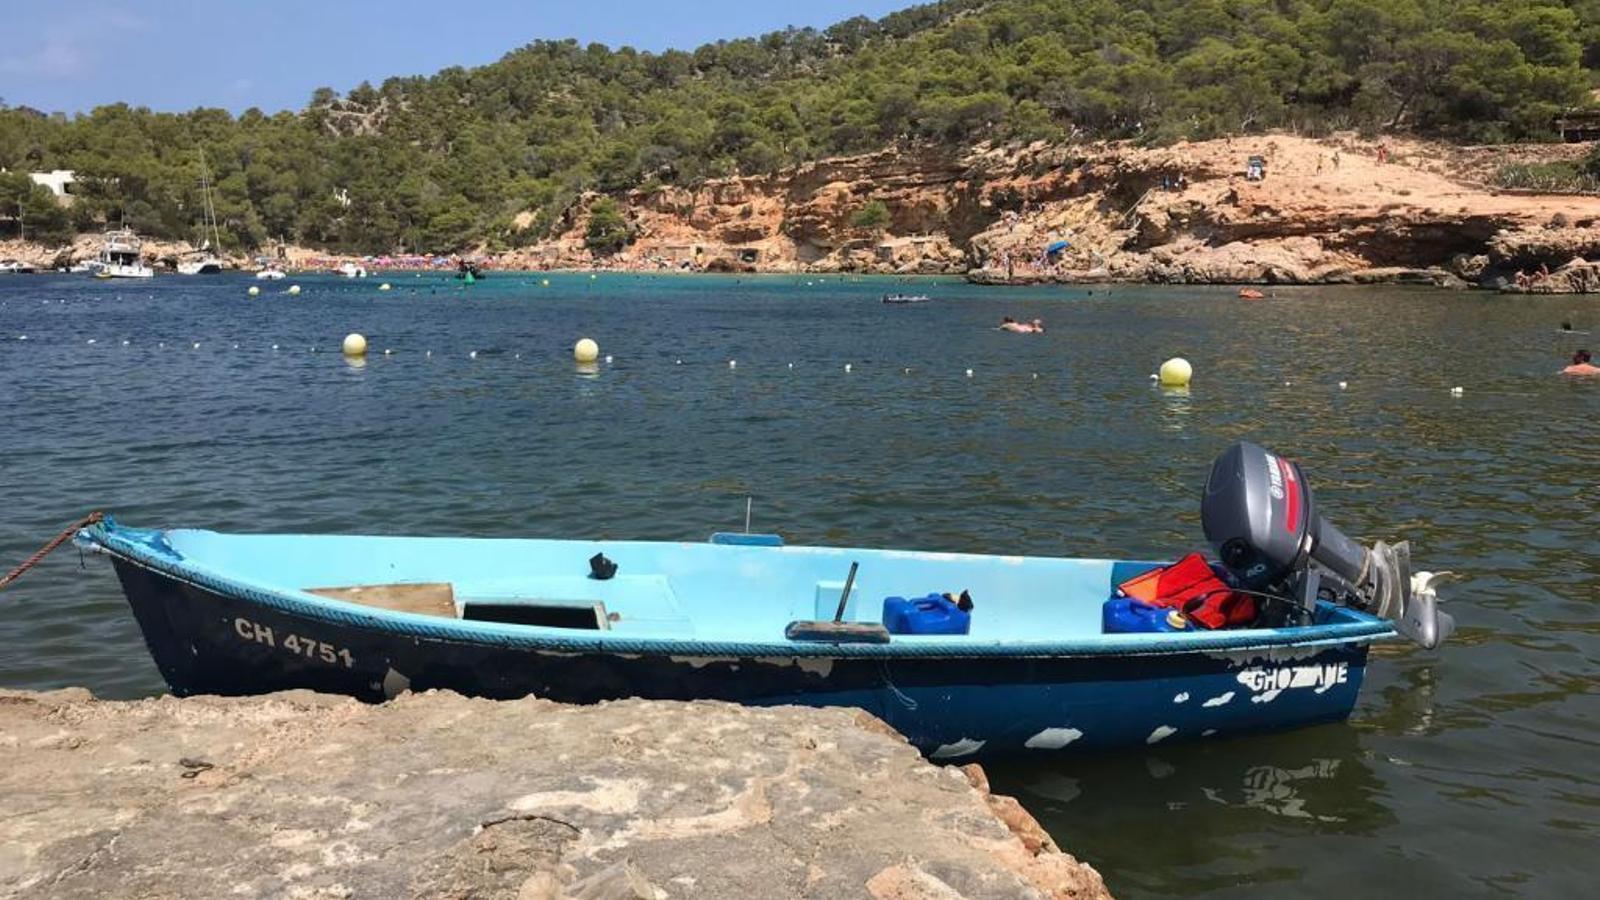 Localitzen dues pasteres i detenen 27 migrants a Mallorca i Formentera